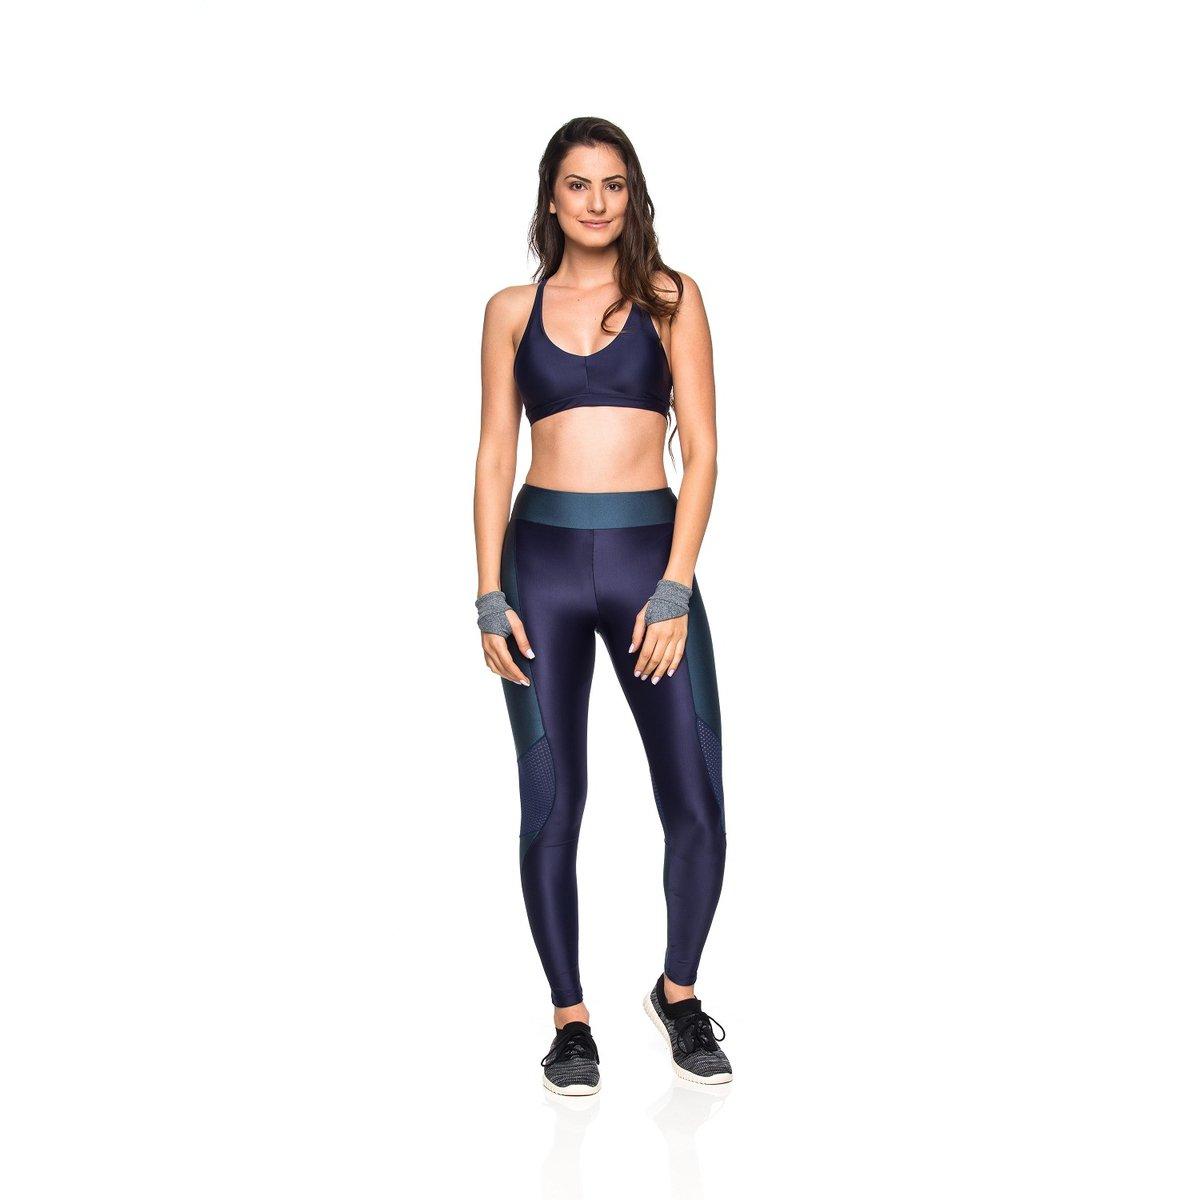 Marinho Leggings Leggings Fitness Mulher Elástica Elástica Fitness Intensity Intensity Mulher xFpBx